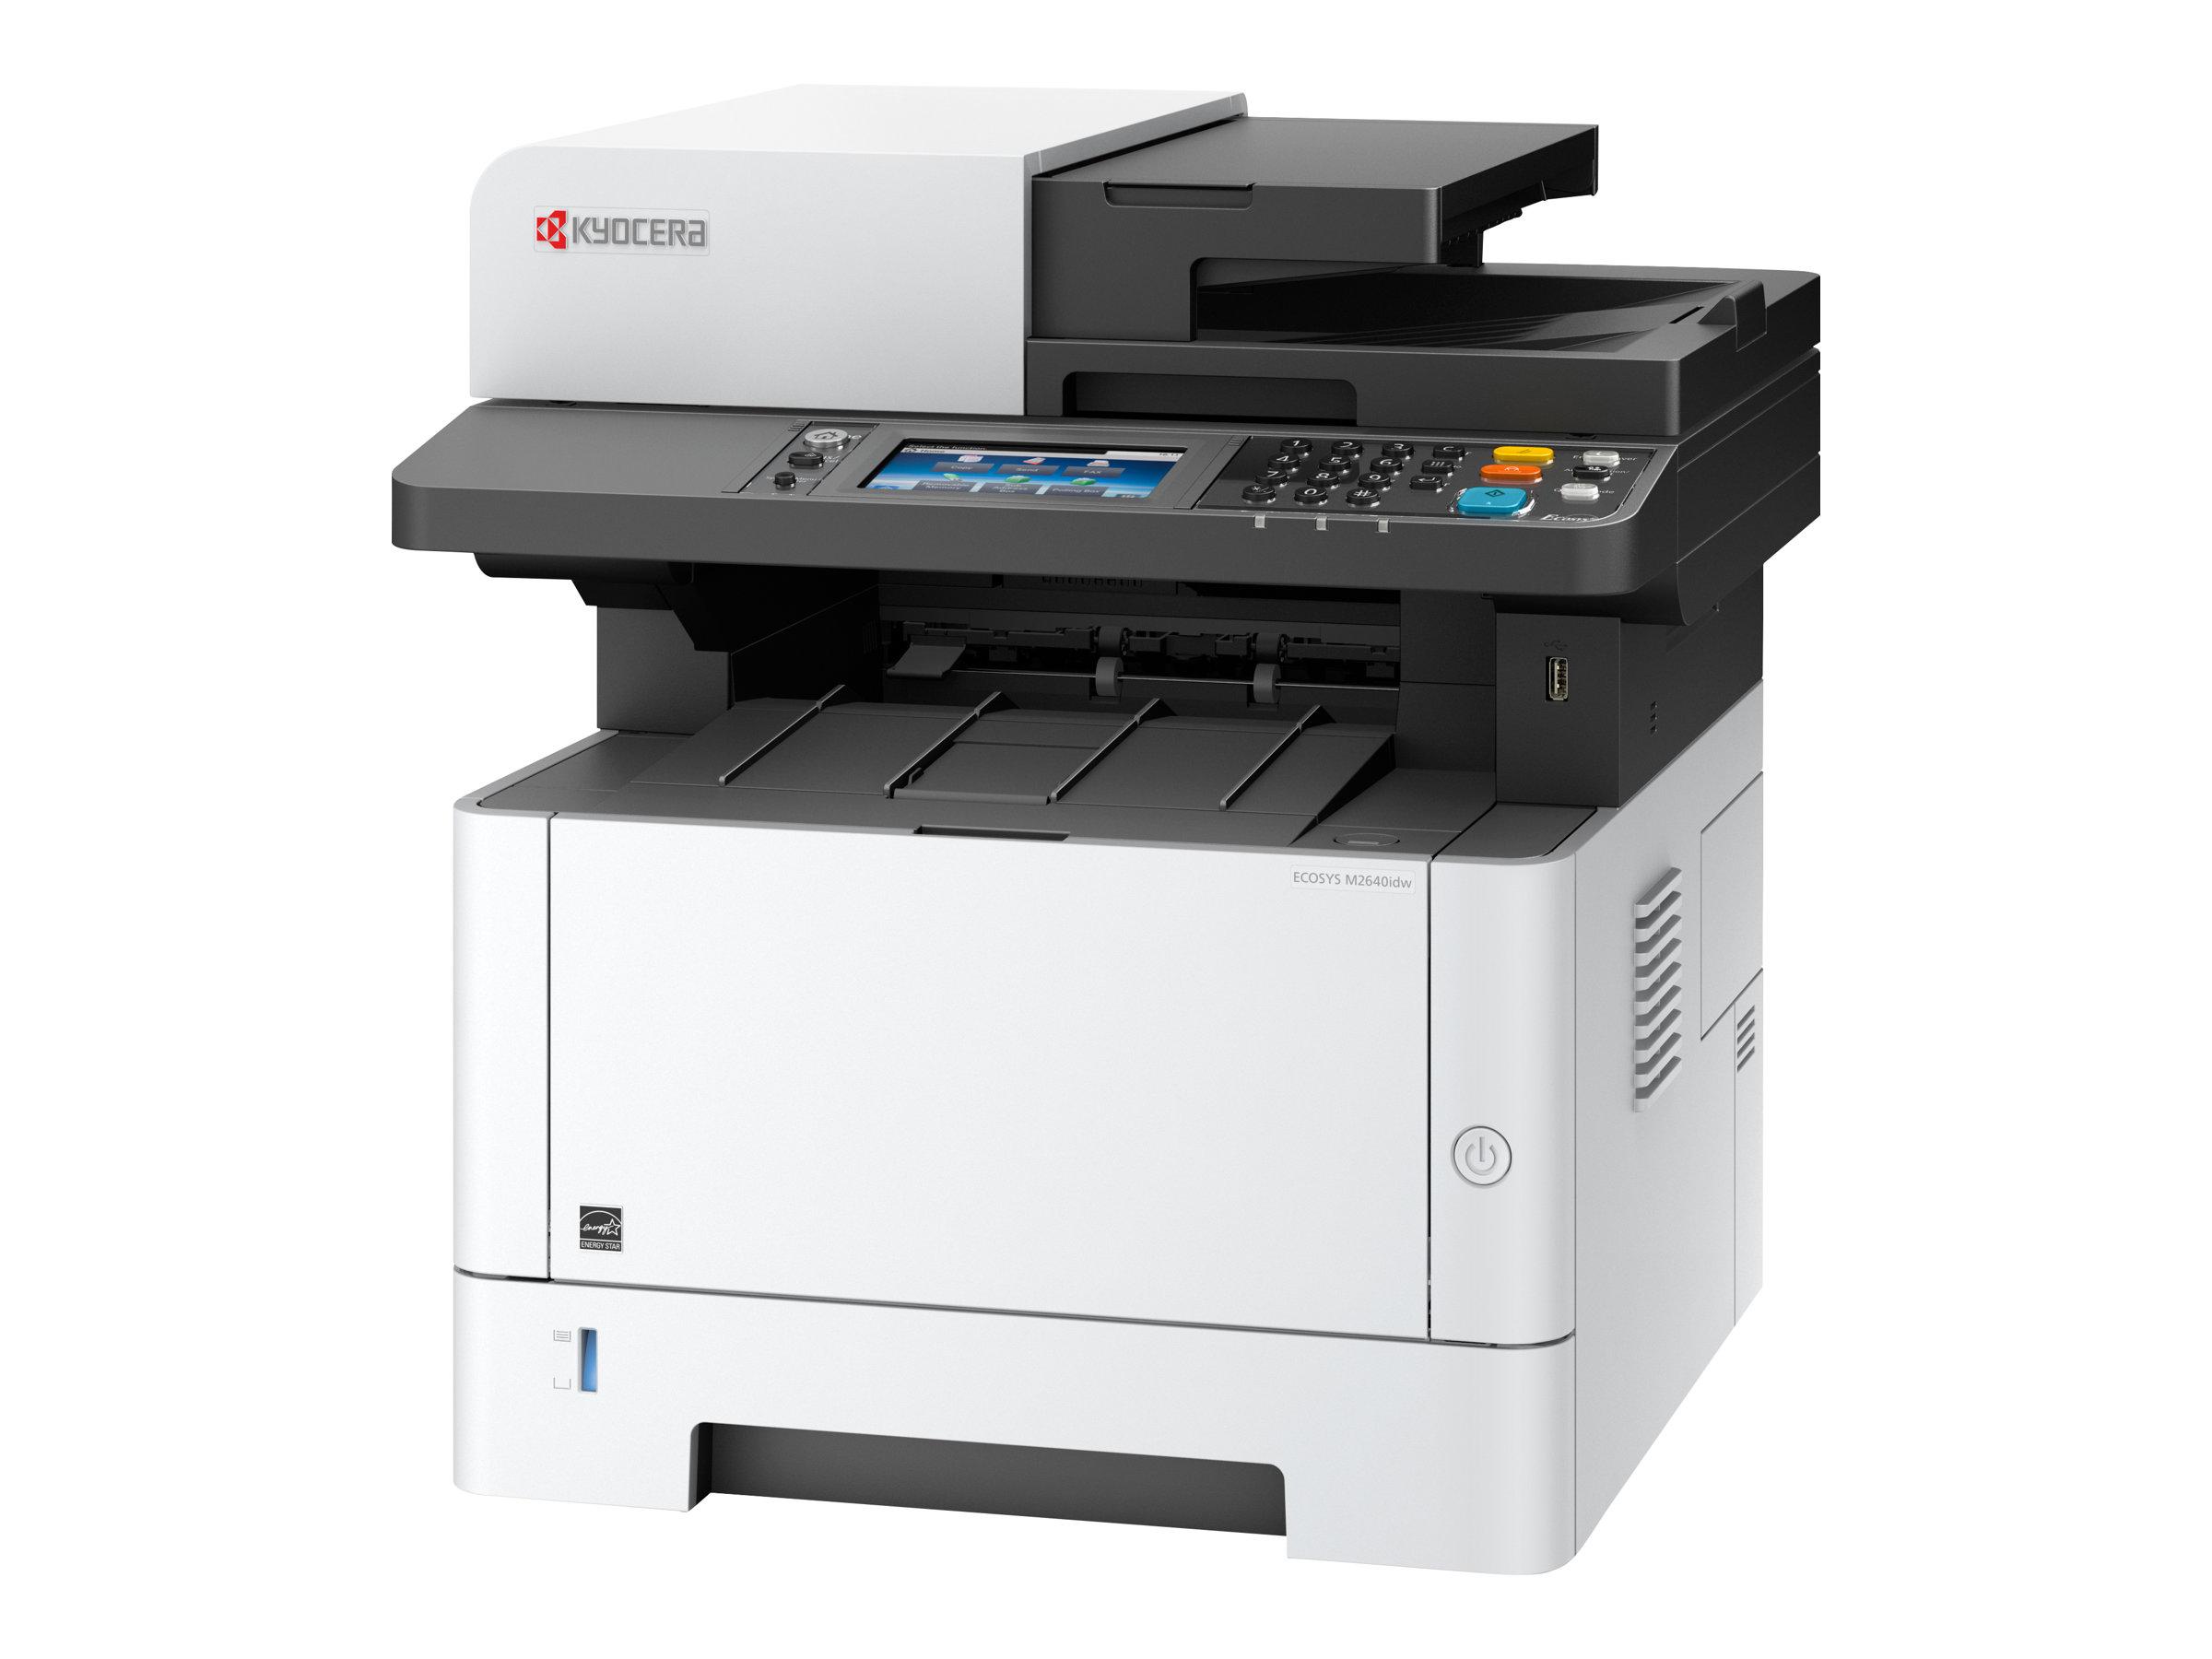 Kyocera ECOSYS M2640idw - Multifunktionsdrucker